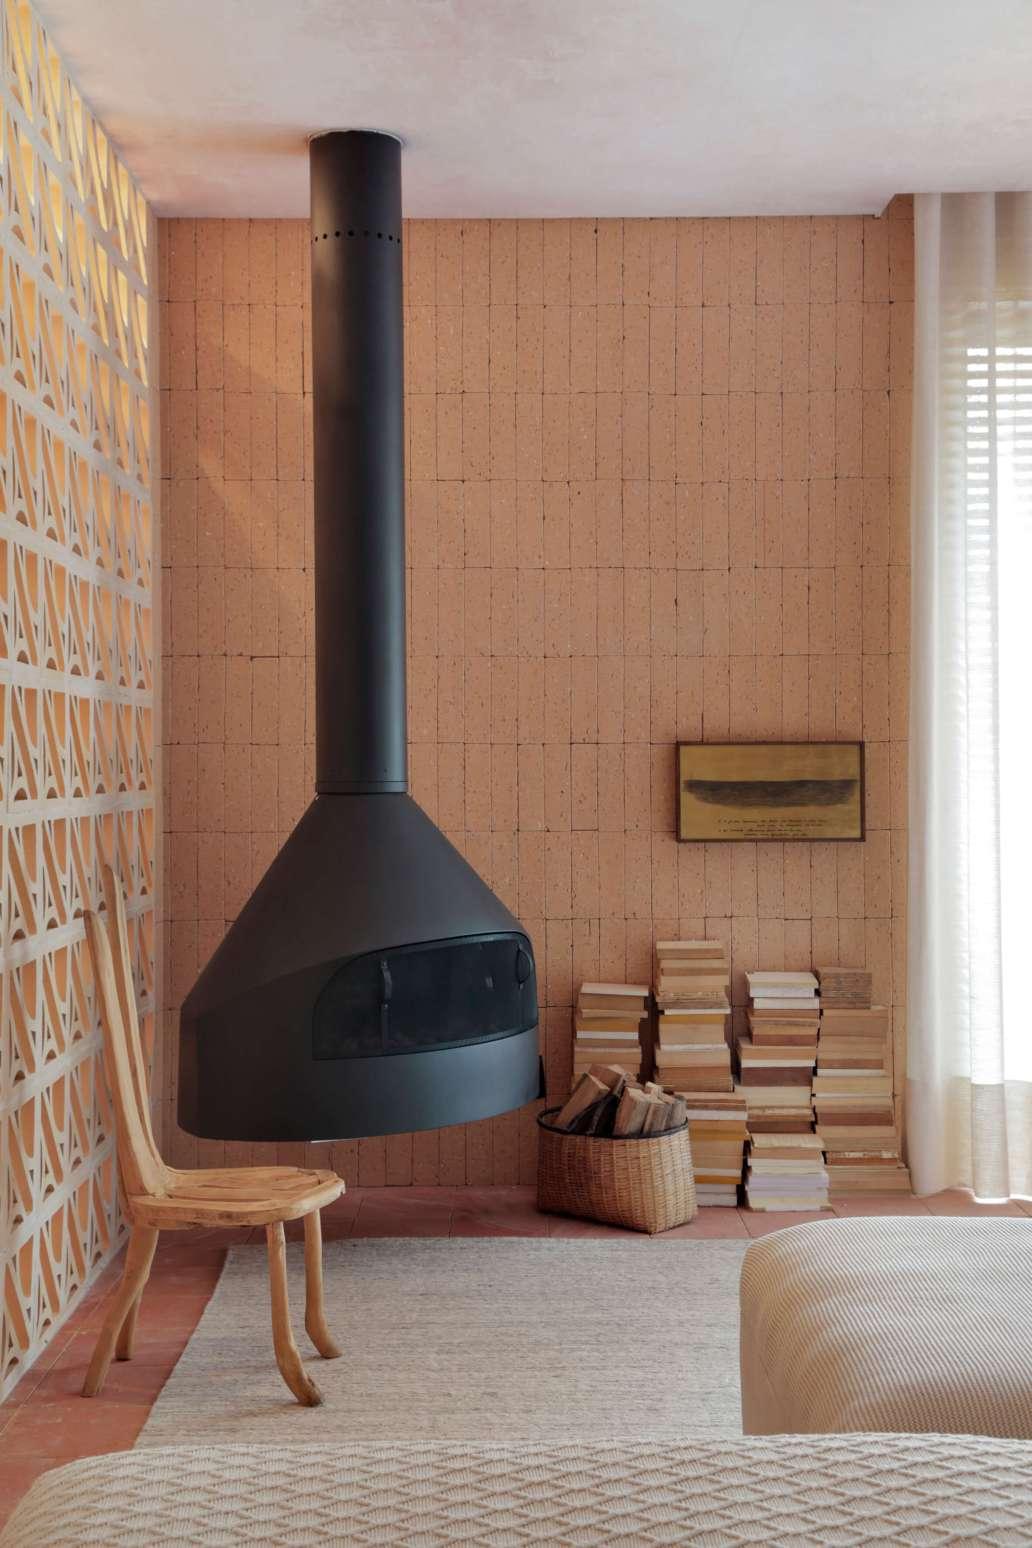 decoration hygge orange avec un poele a bois tres design 1365x2048 - Décoration Hygge : découvrez cette philosophie de vie venue du Danemark